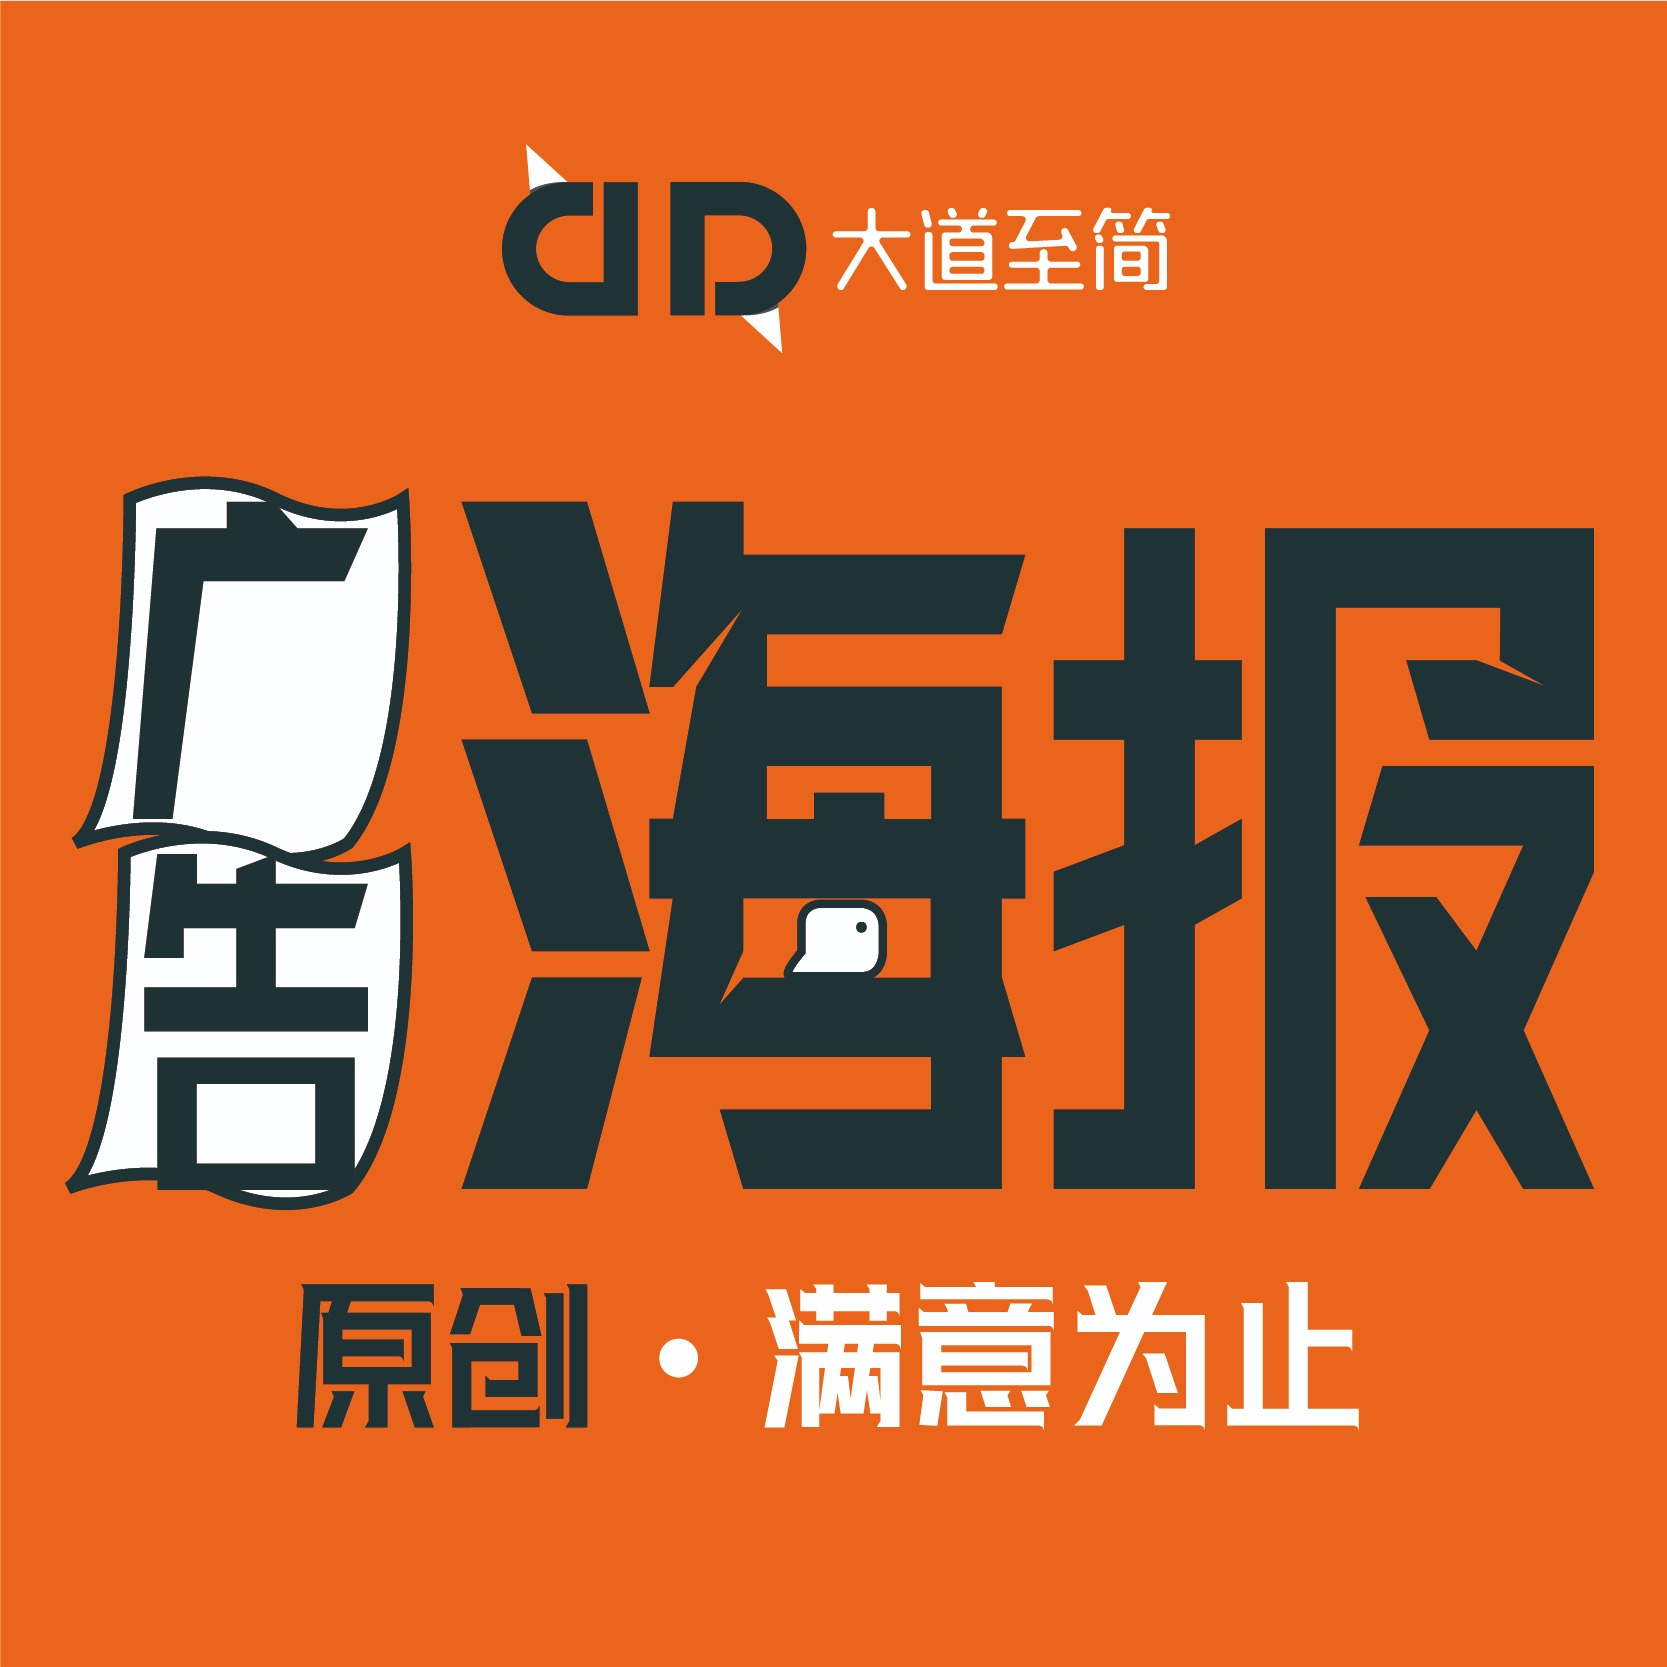 总监设计海报设计广告促销商品海报互联网海报宣传品画册展架折页